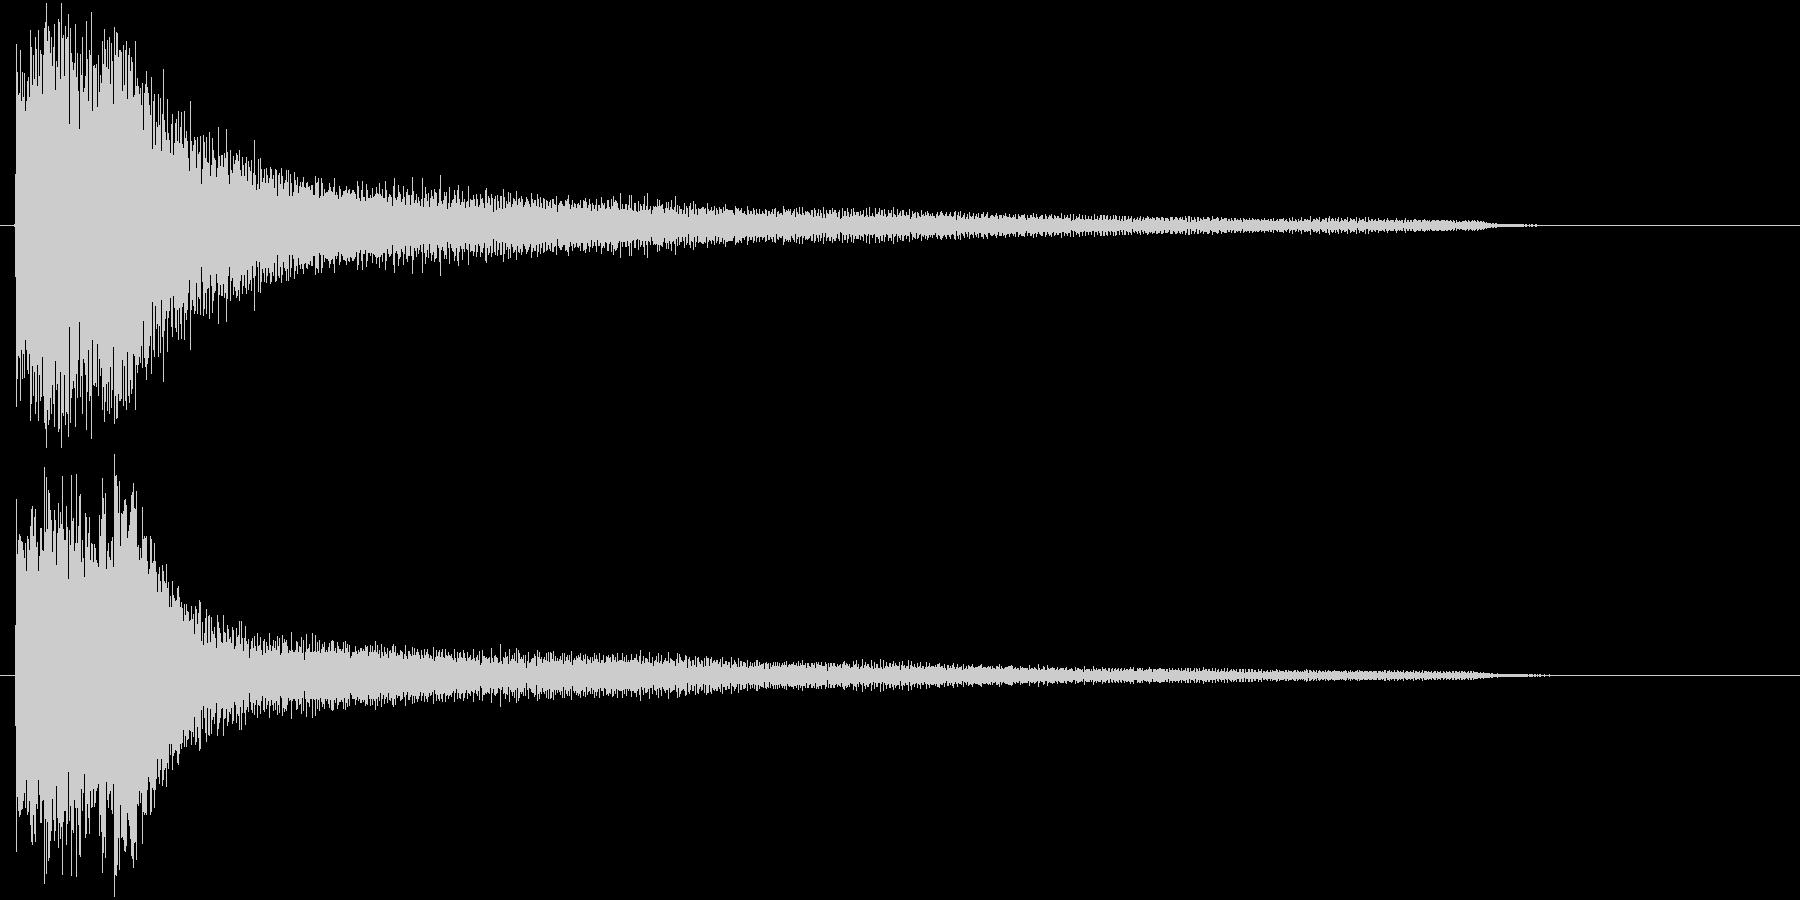 エンディング・ゲームオーバーなSE 1の未再生の波形